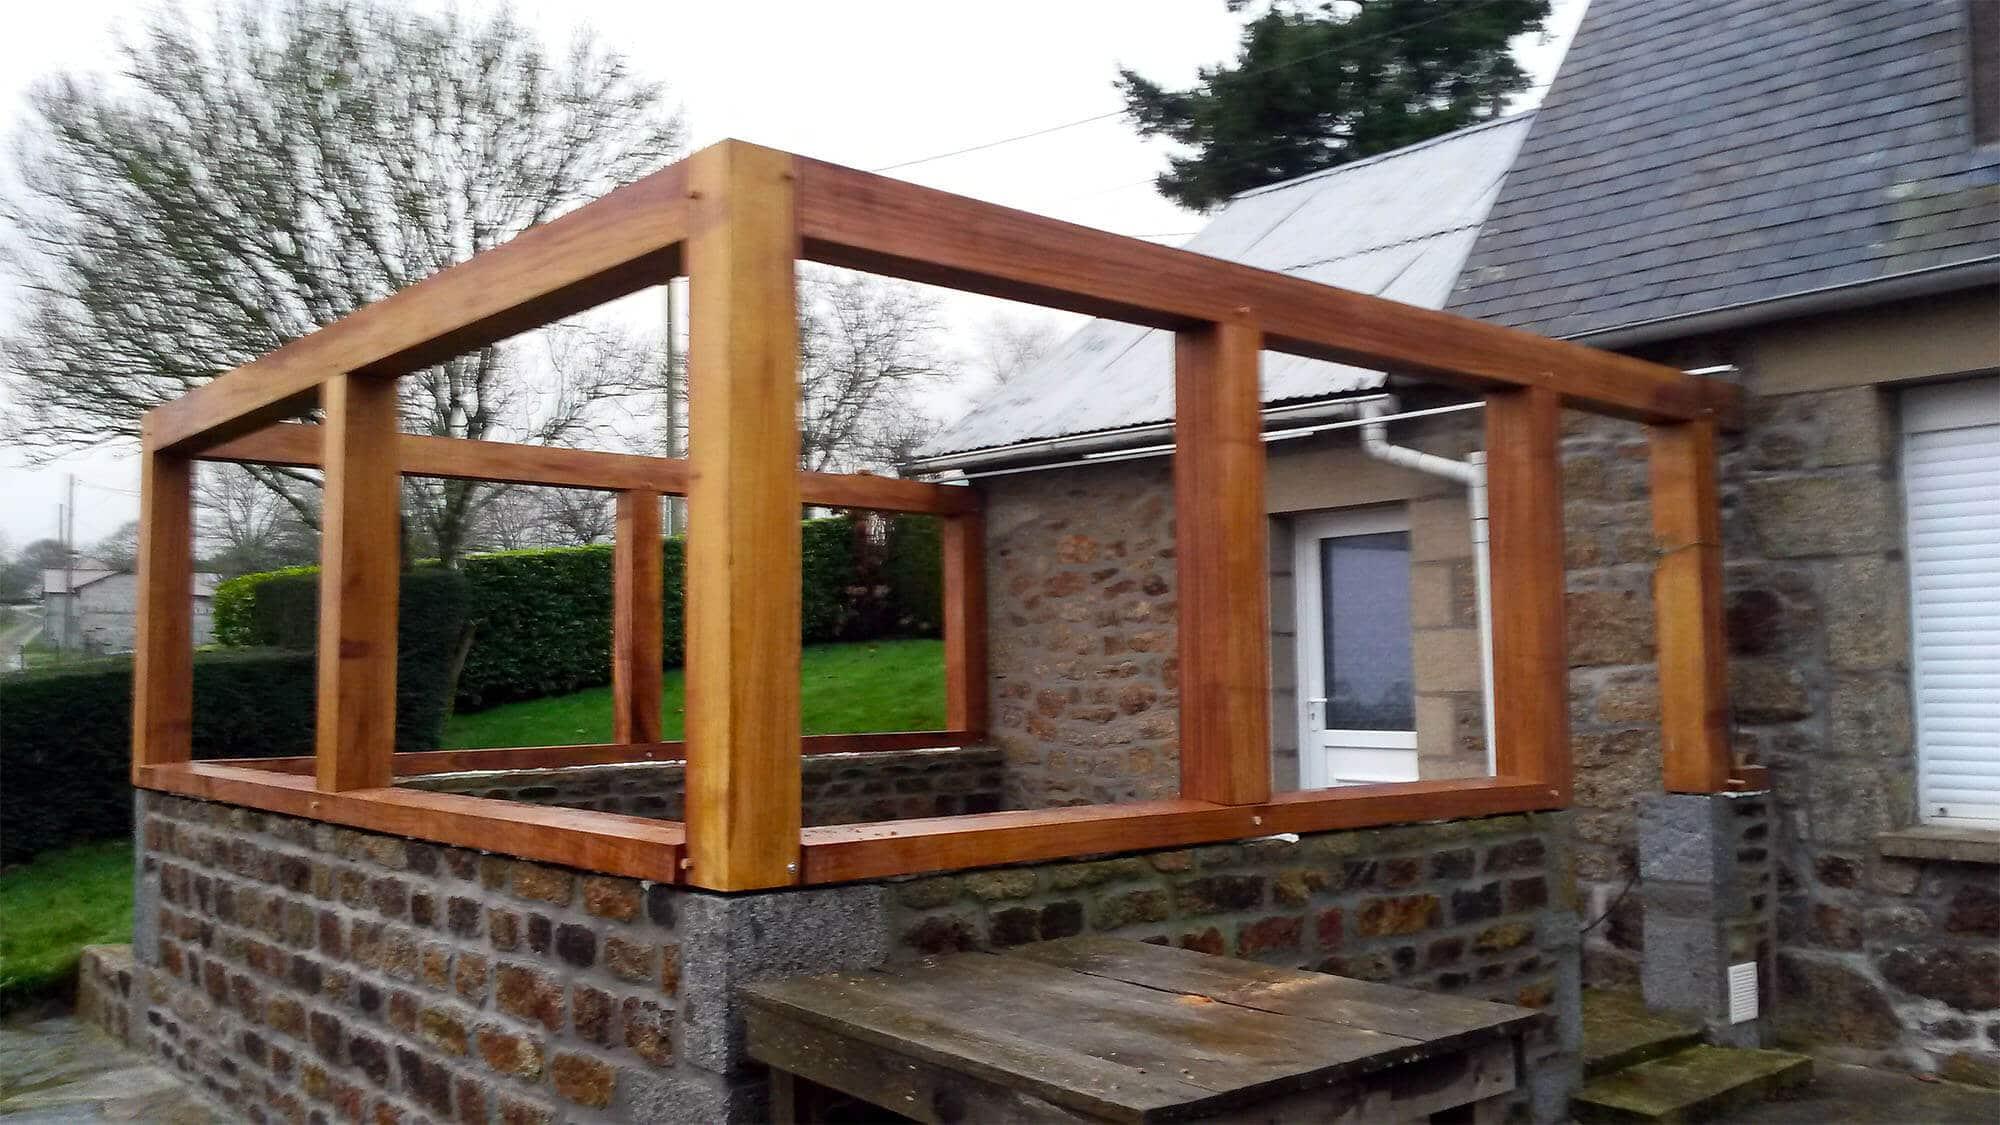 menuiseries pvc blanches et petits bois laiton pour extension d 39 une maison. Black Bedroom Furniture Sets. Home Design Ideas